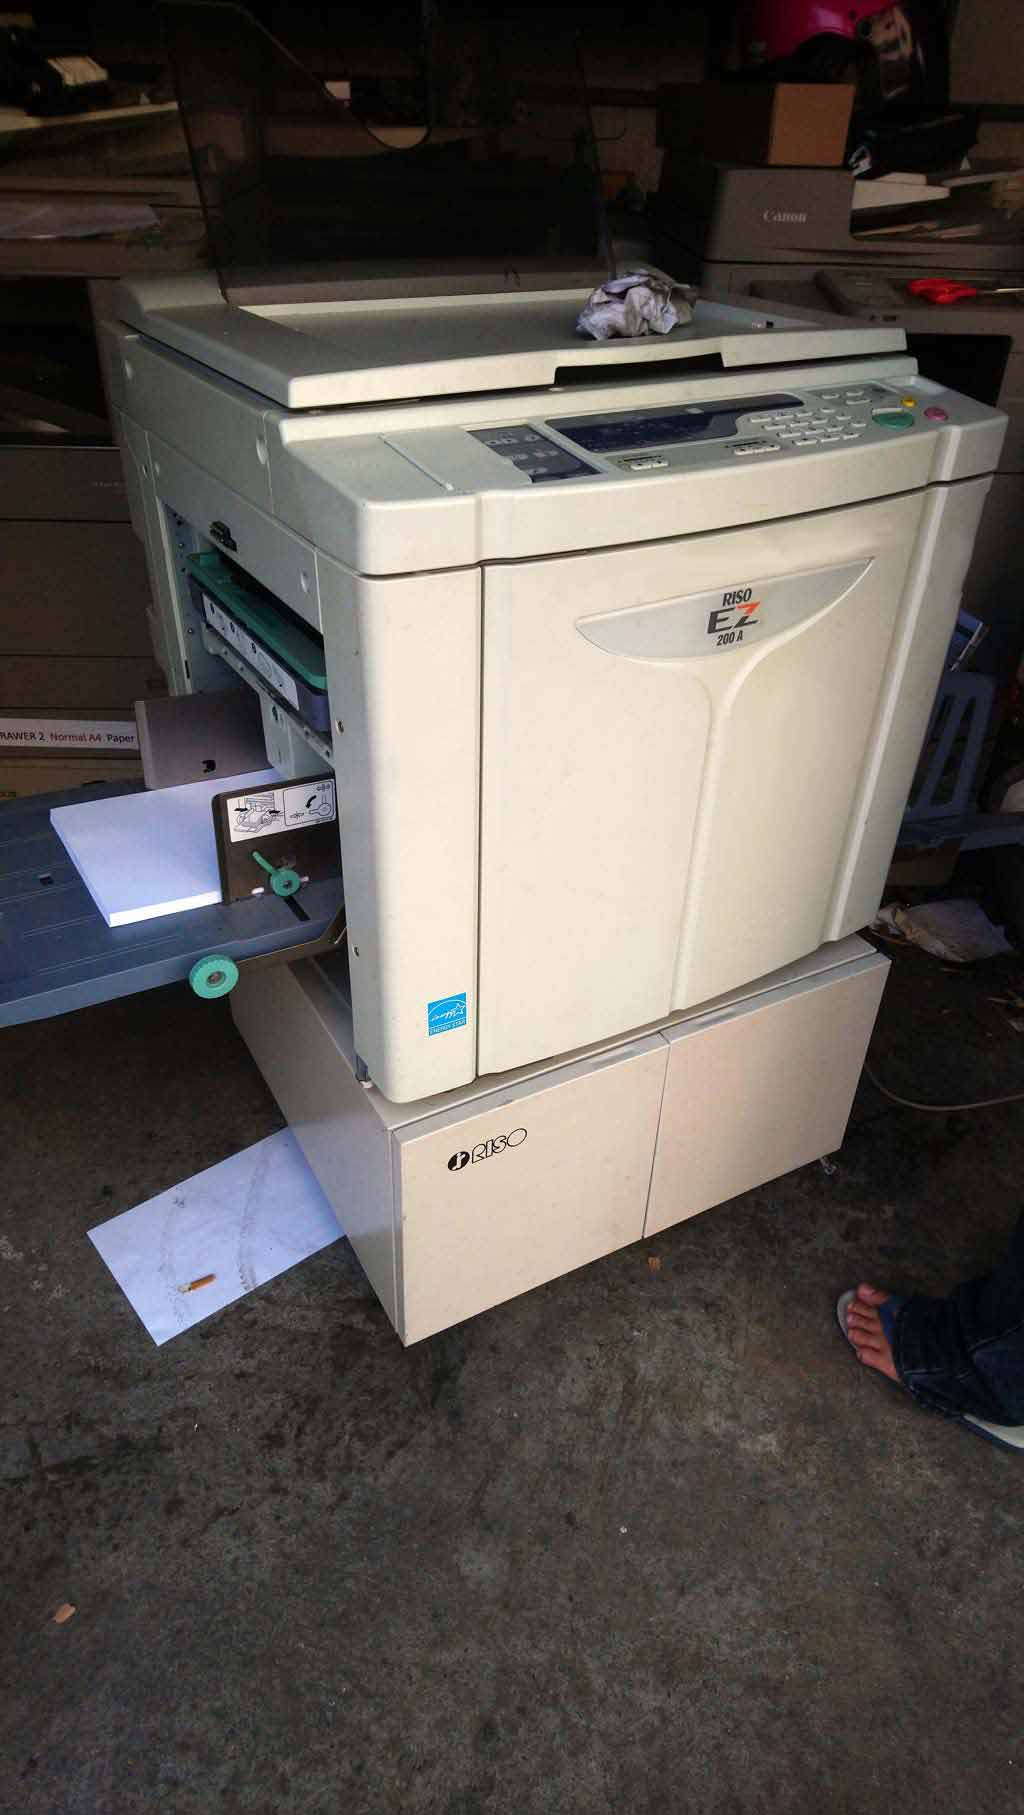 เครื่องพิมพ์สำเนาระบบดิจิตอลมือสอง RISO EZ200 สภาพสวยพร้อมใช้ ลูกโมสีดำ